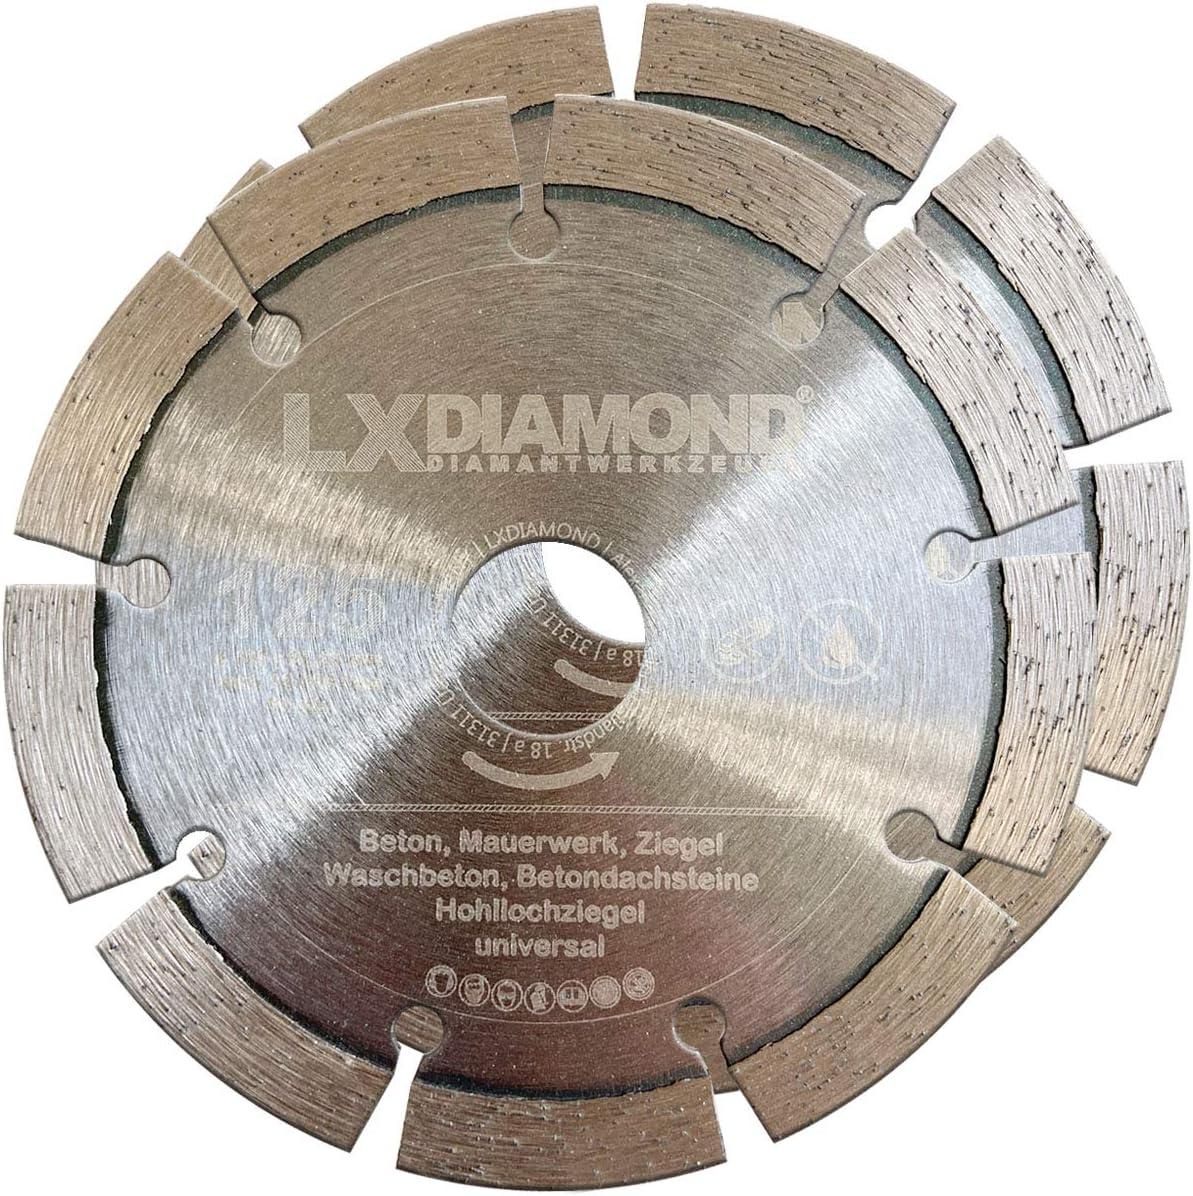 LXDIAMOND 2x Diamant-Trennscheibe /Ø 125mm x 22,23mm Beton Stein passend f/ür Diamantfr/äse Schlitzfr/äse Mauernutfr/äse Mauerschlitzfr/äse Wandfr/äse Diamantscheibe 125 mm